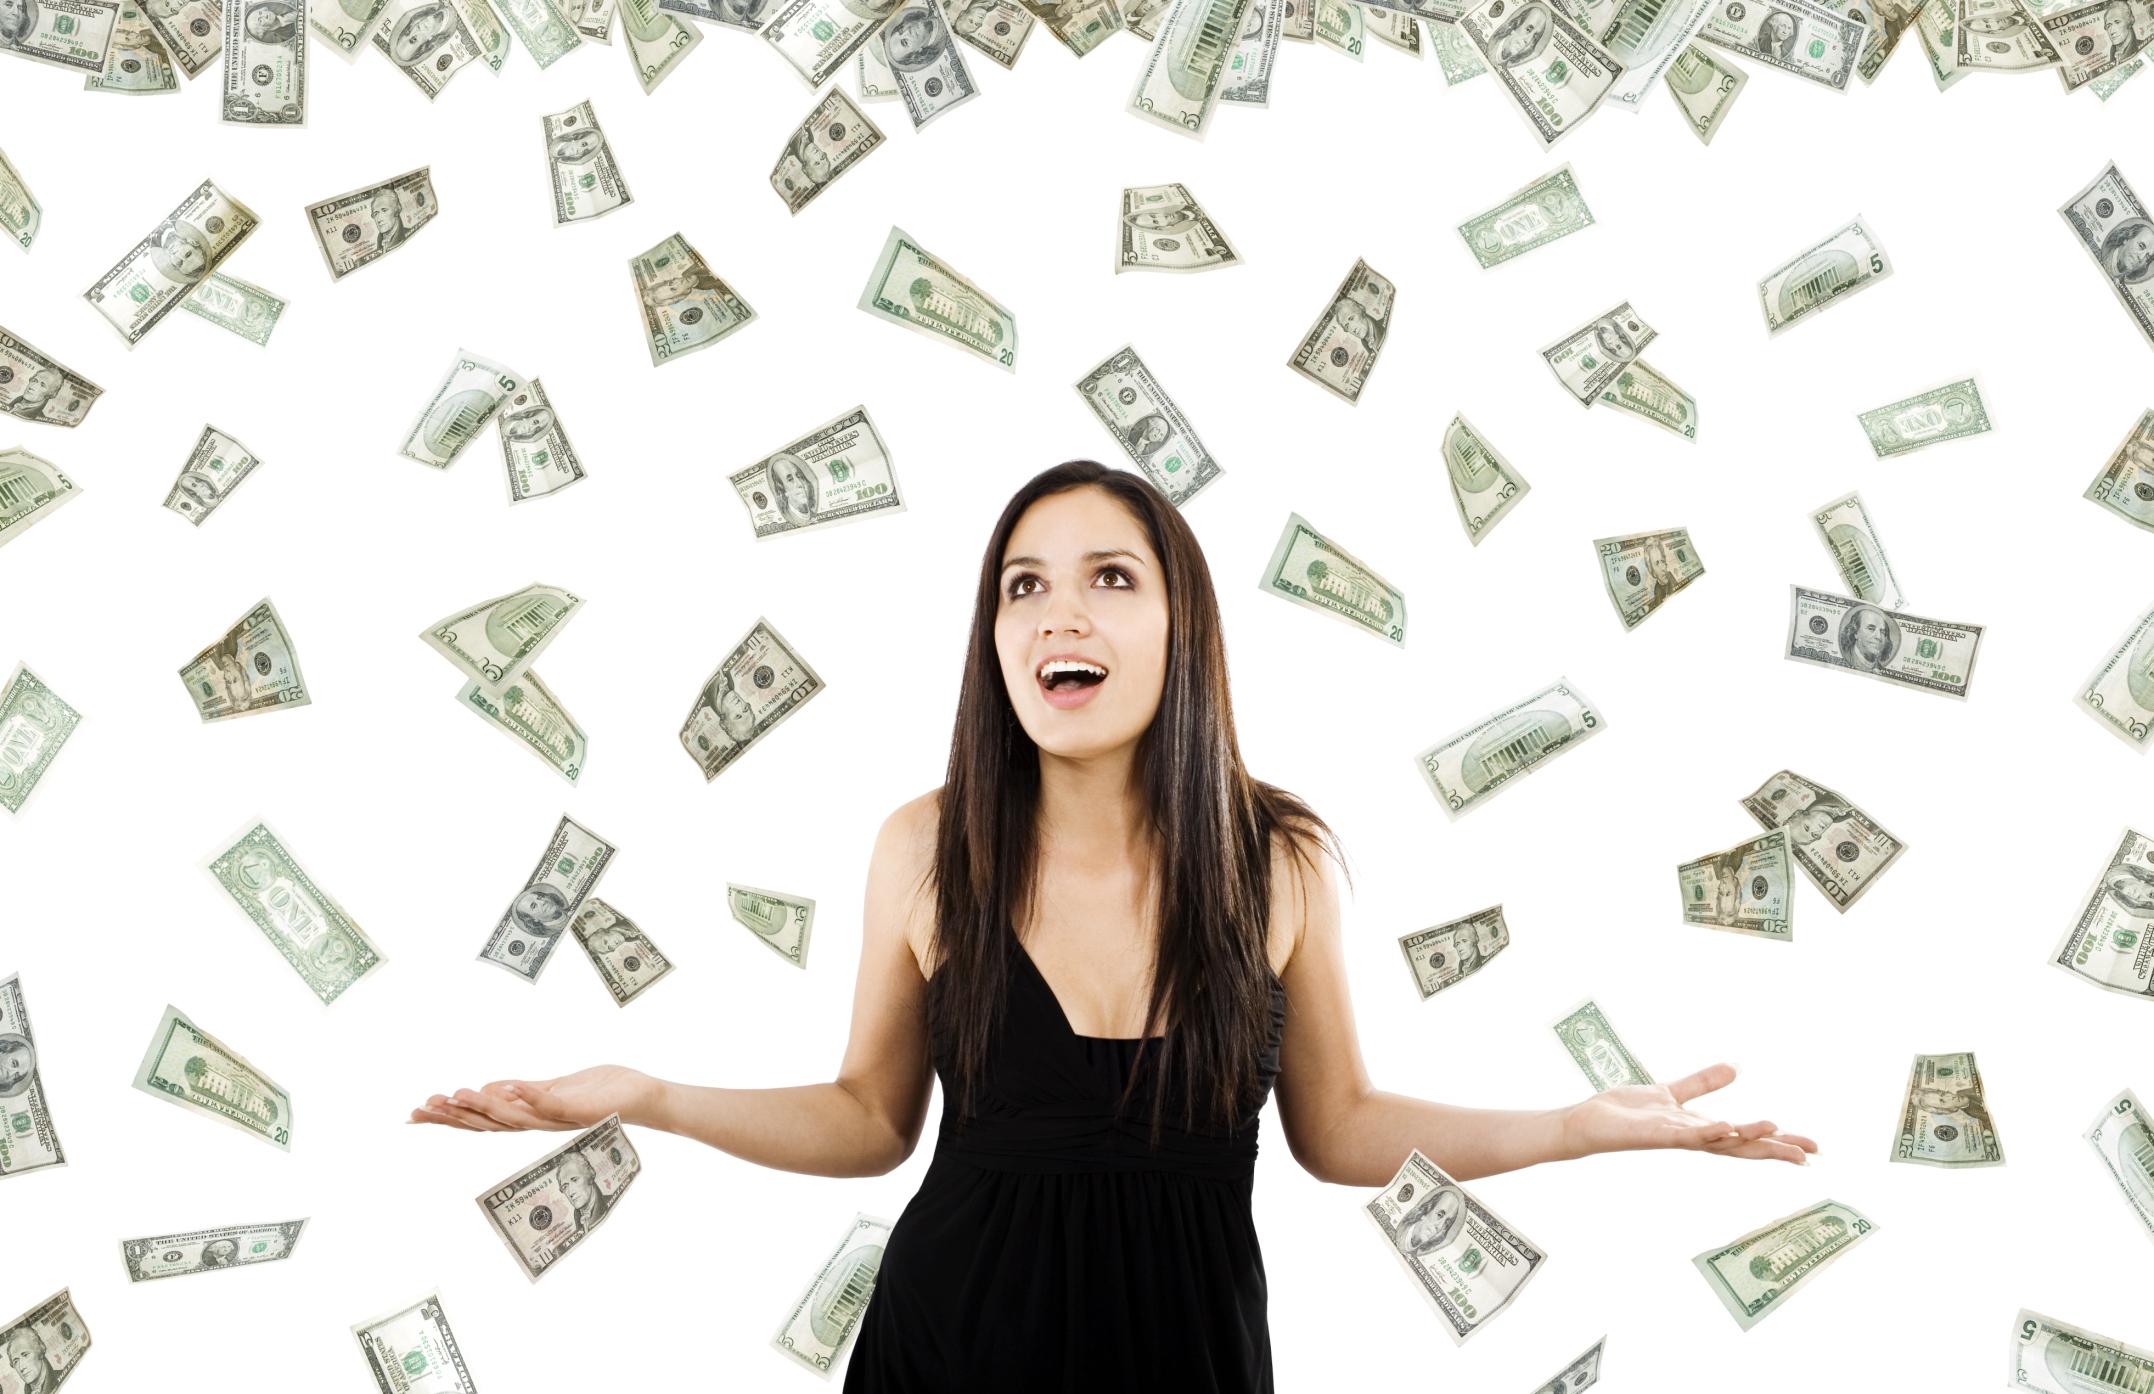 Азиаточка решила заработать деньги смотреть видео онлайн